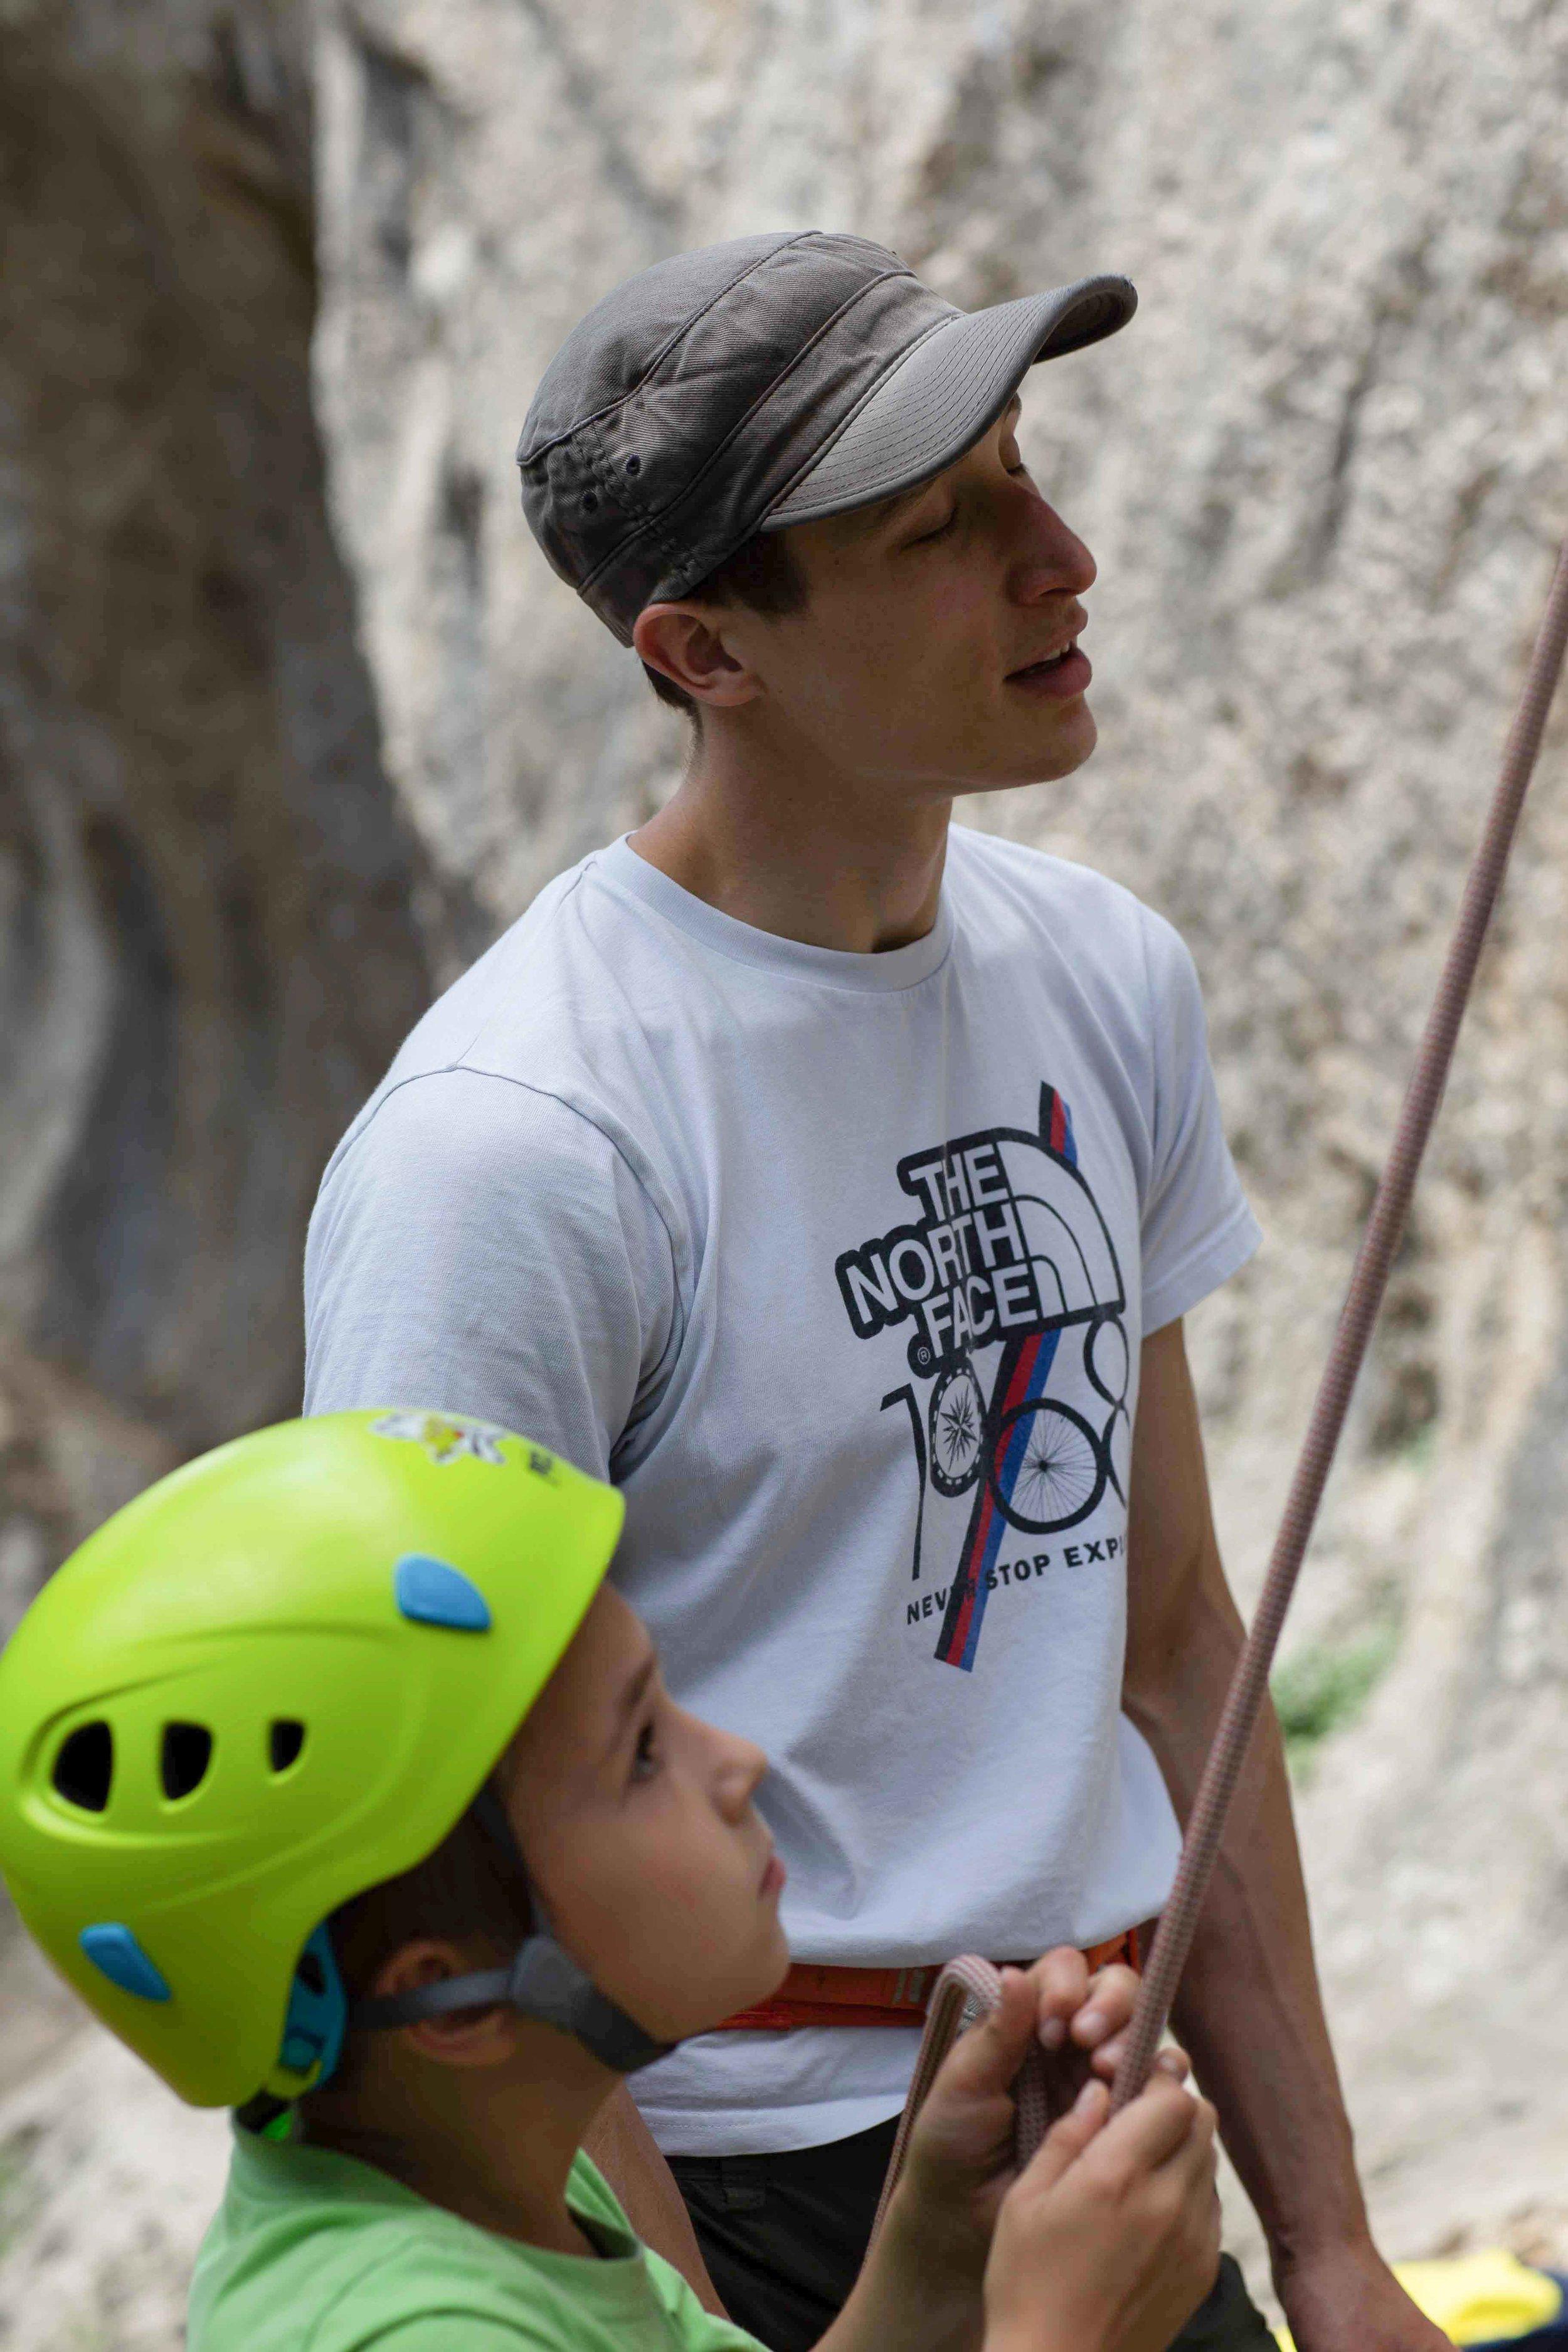 Zaključni plezalni izlet za otroke Grif_59.jpg